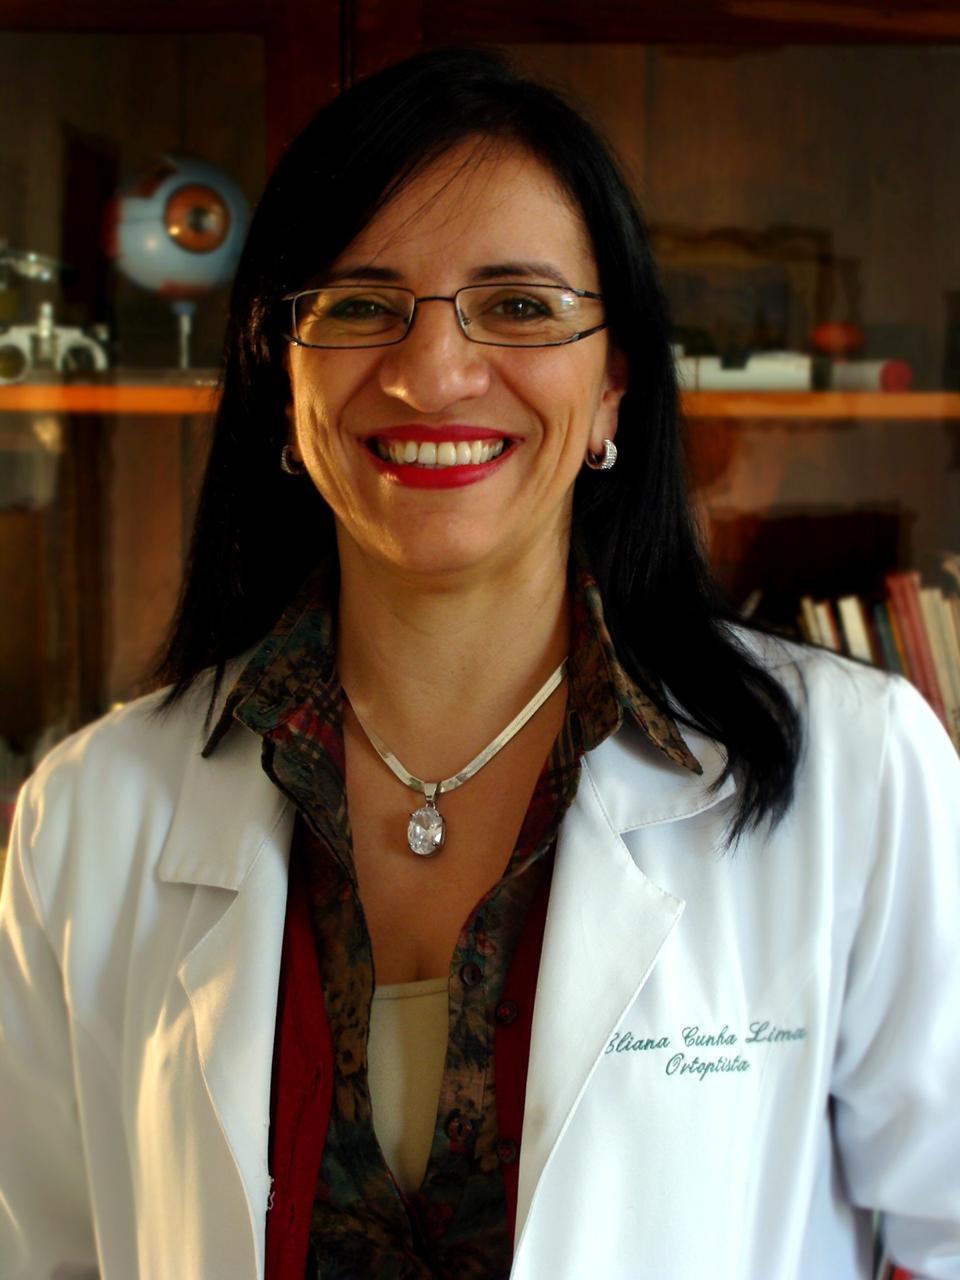 Foto preto e branco de Eliana Cunha. Ela tem pele clara, cabelos lisos na altura dos ombros, usa óculos e colar e está de jaleco.  Ela está sorrindo.